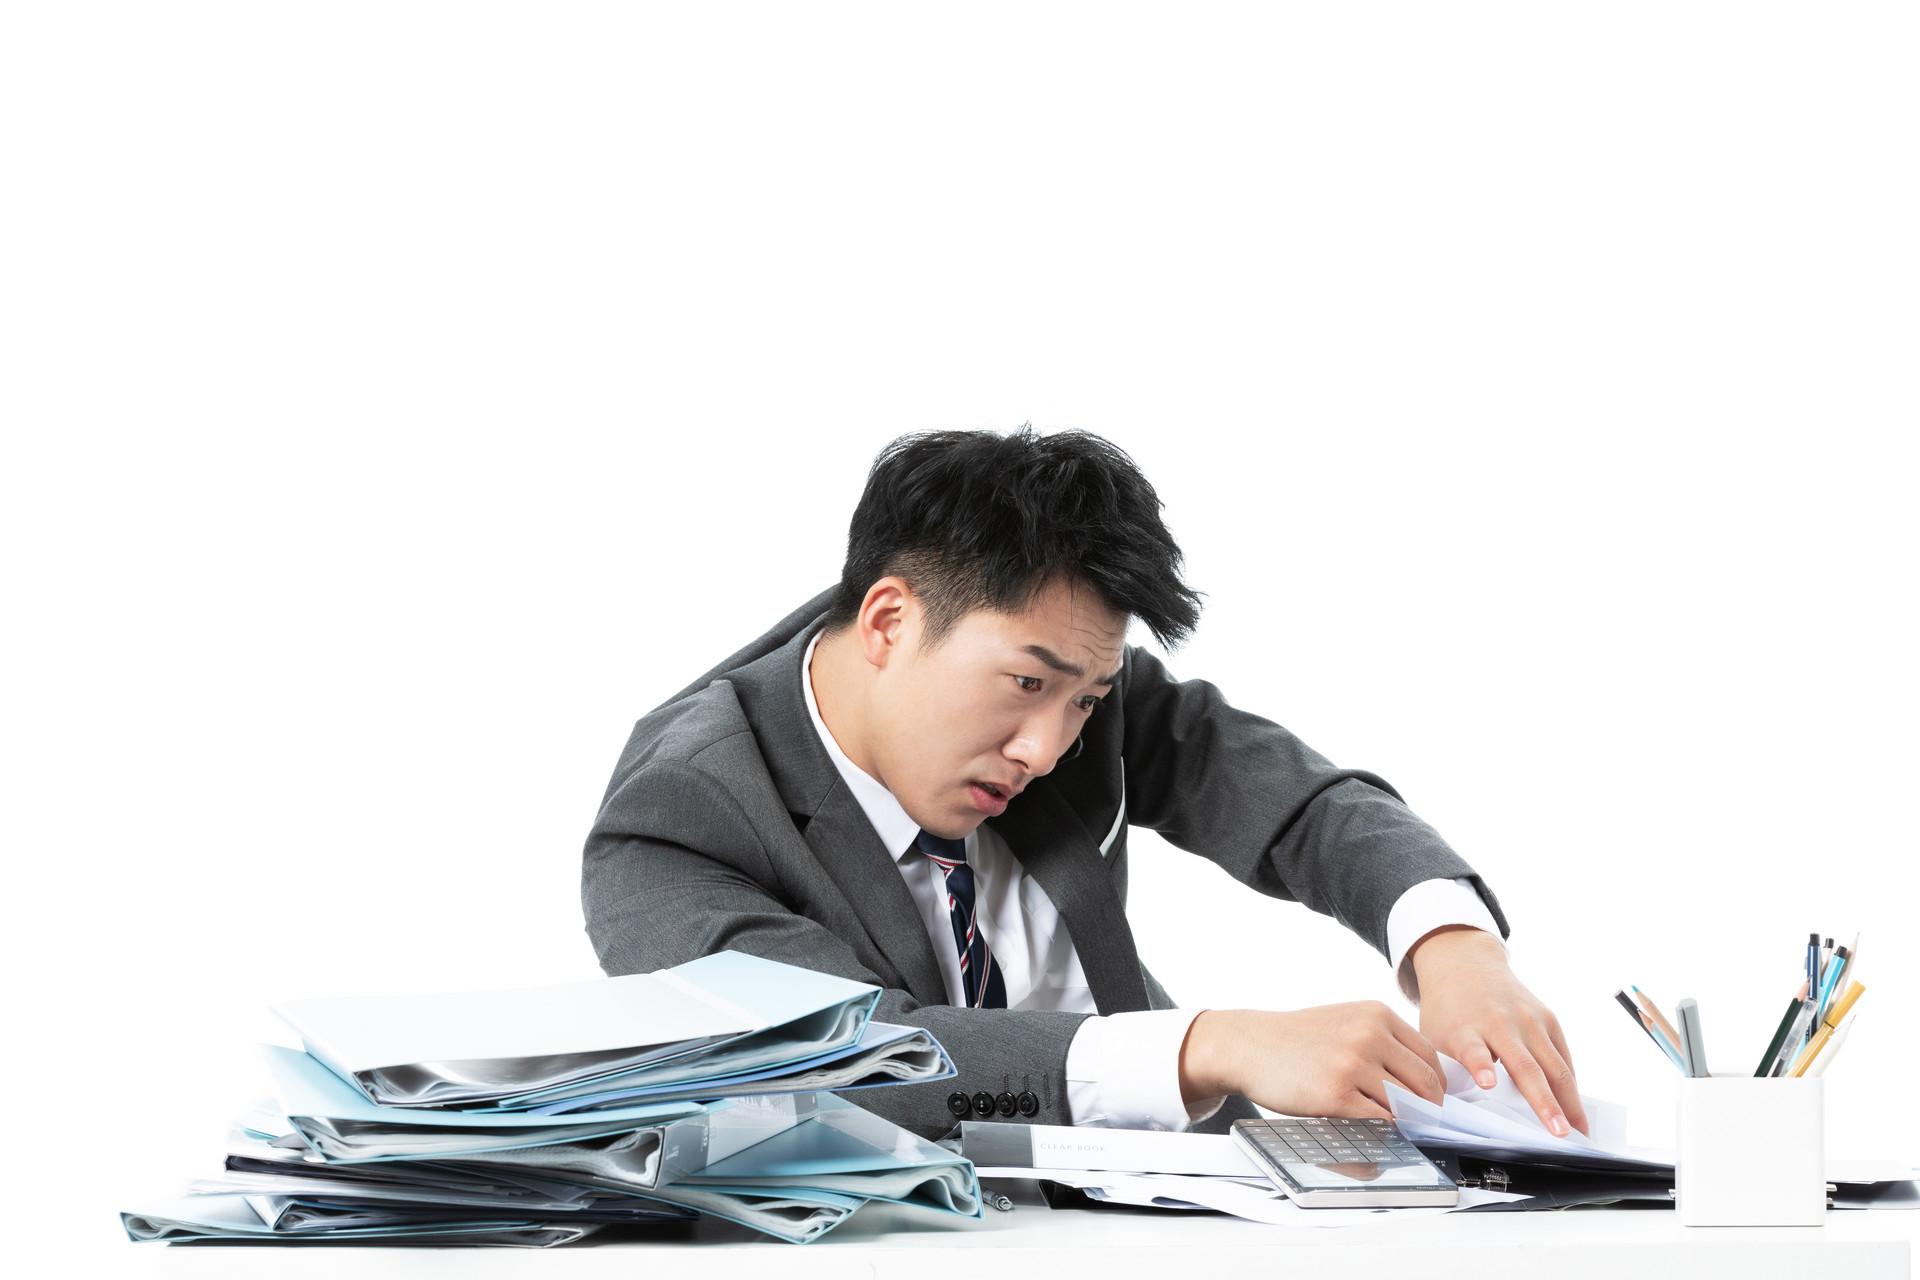 """工资条怎样制作快捷又准确?一个靠谱的工资条软件分分钟帮你""""手到擒来"""""""